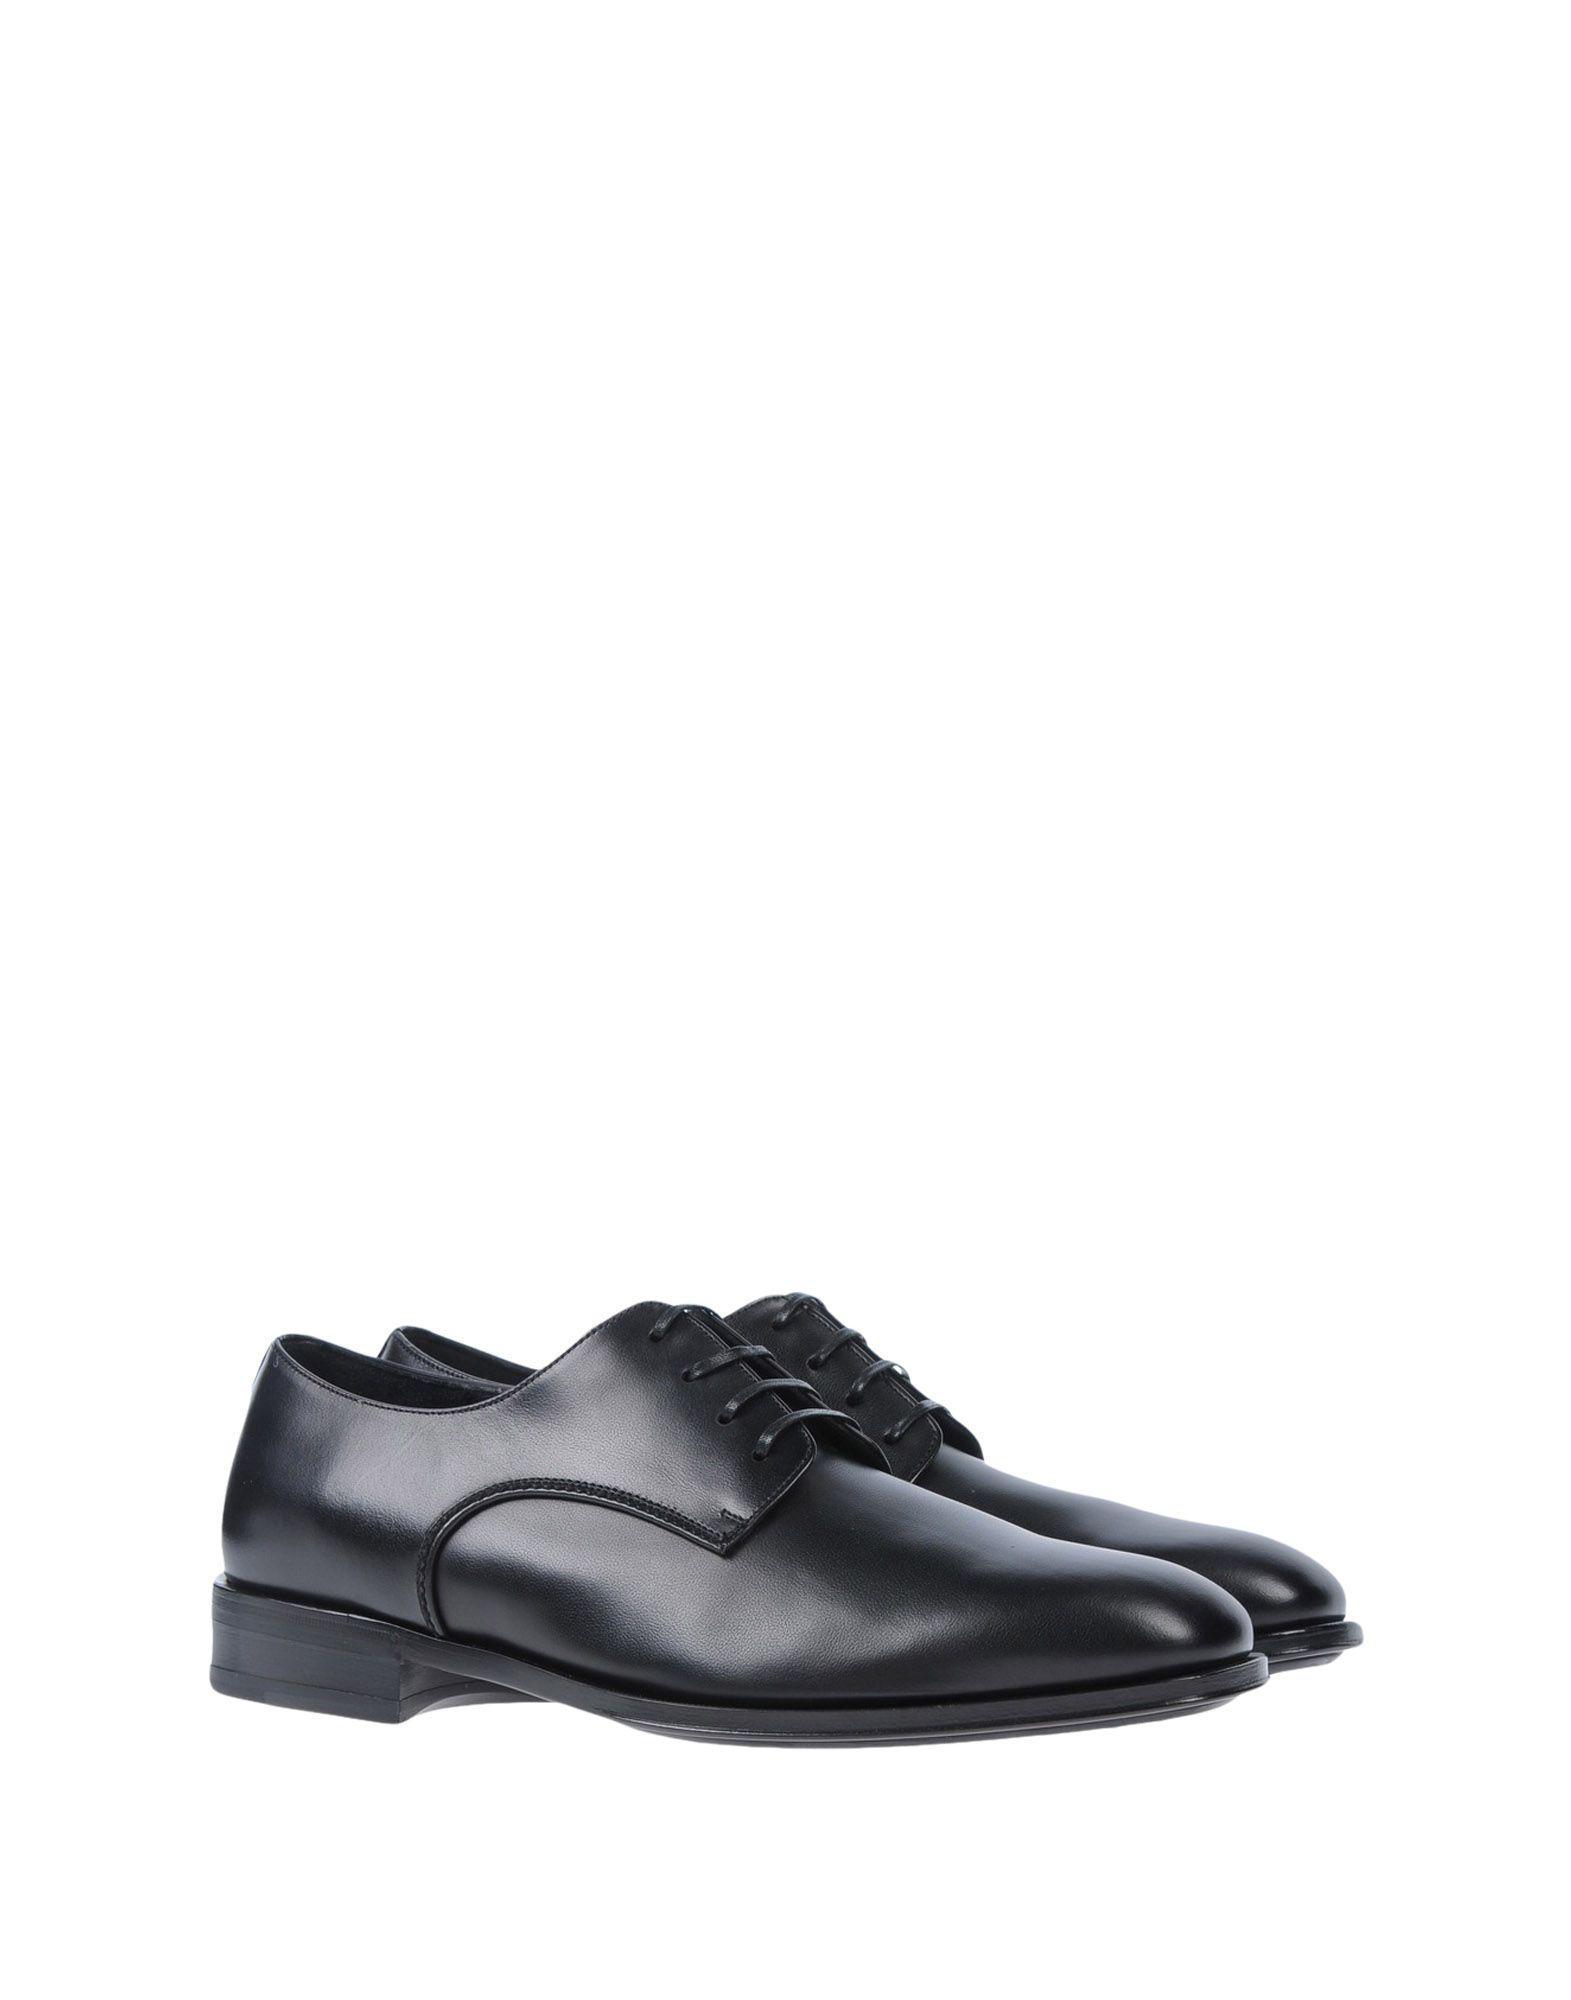 Zapatos de cordones Ferragamo de Cuero de color Negro para hombre